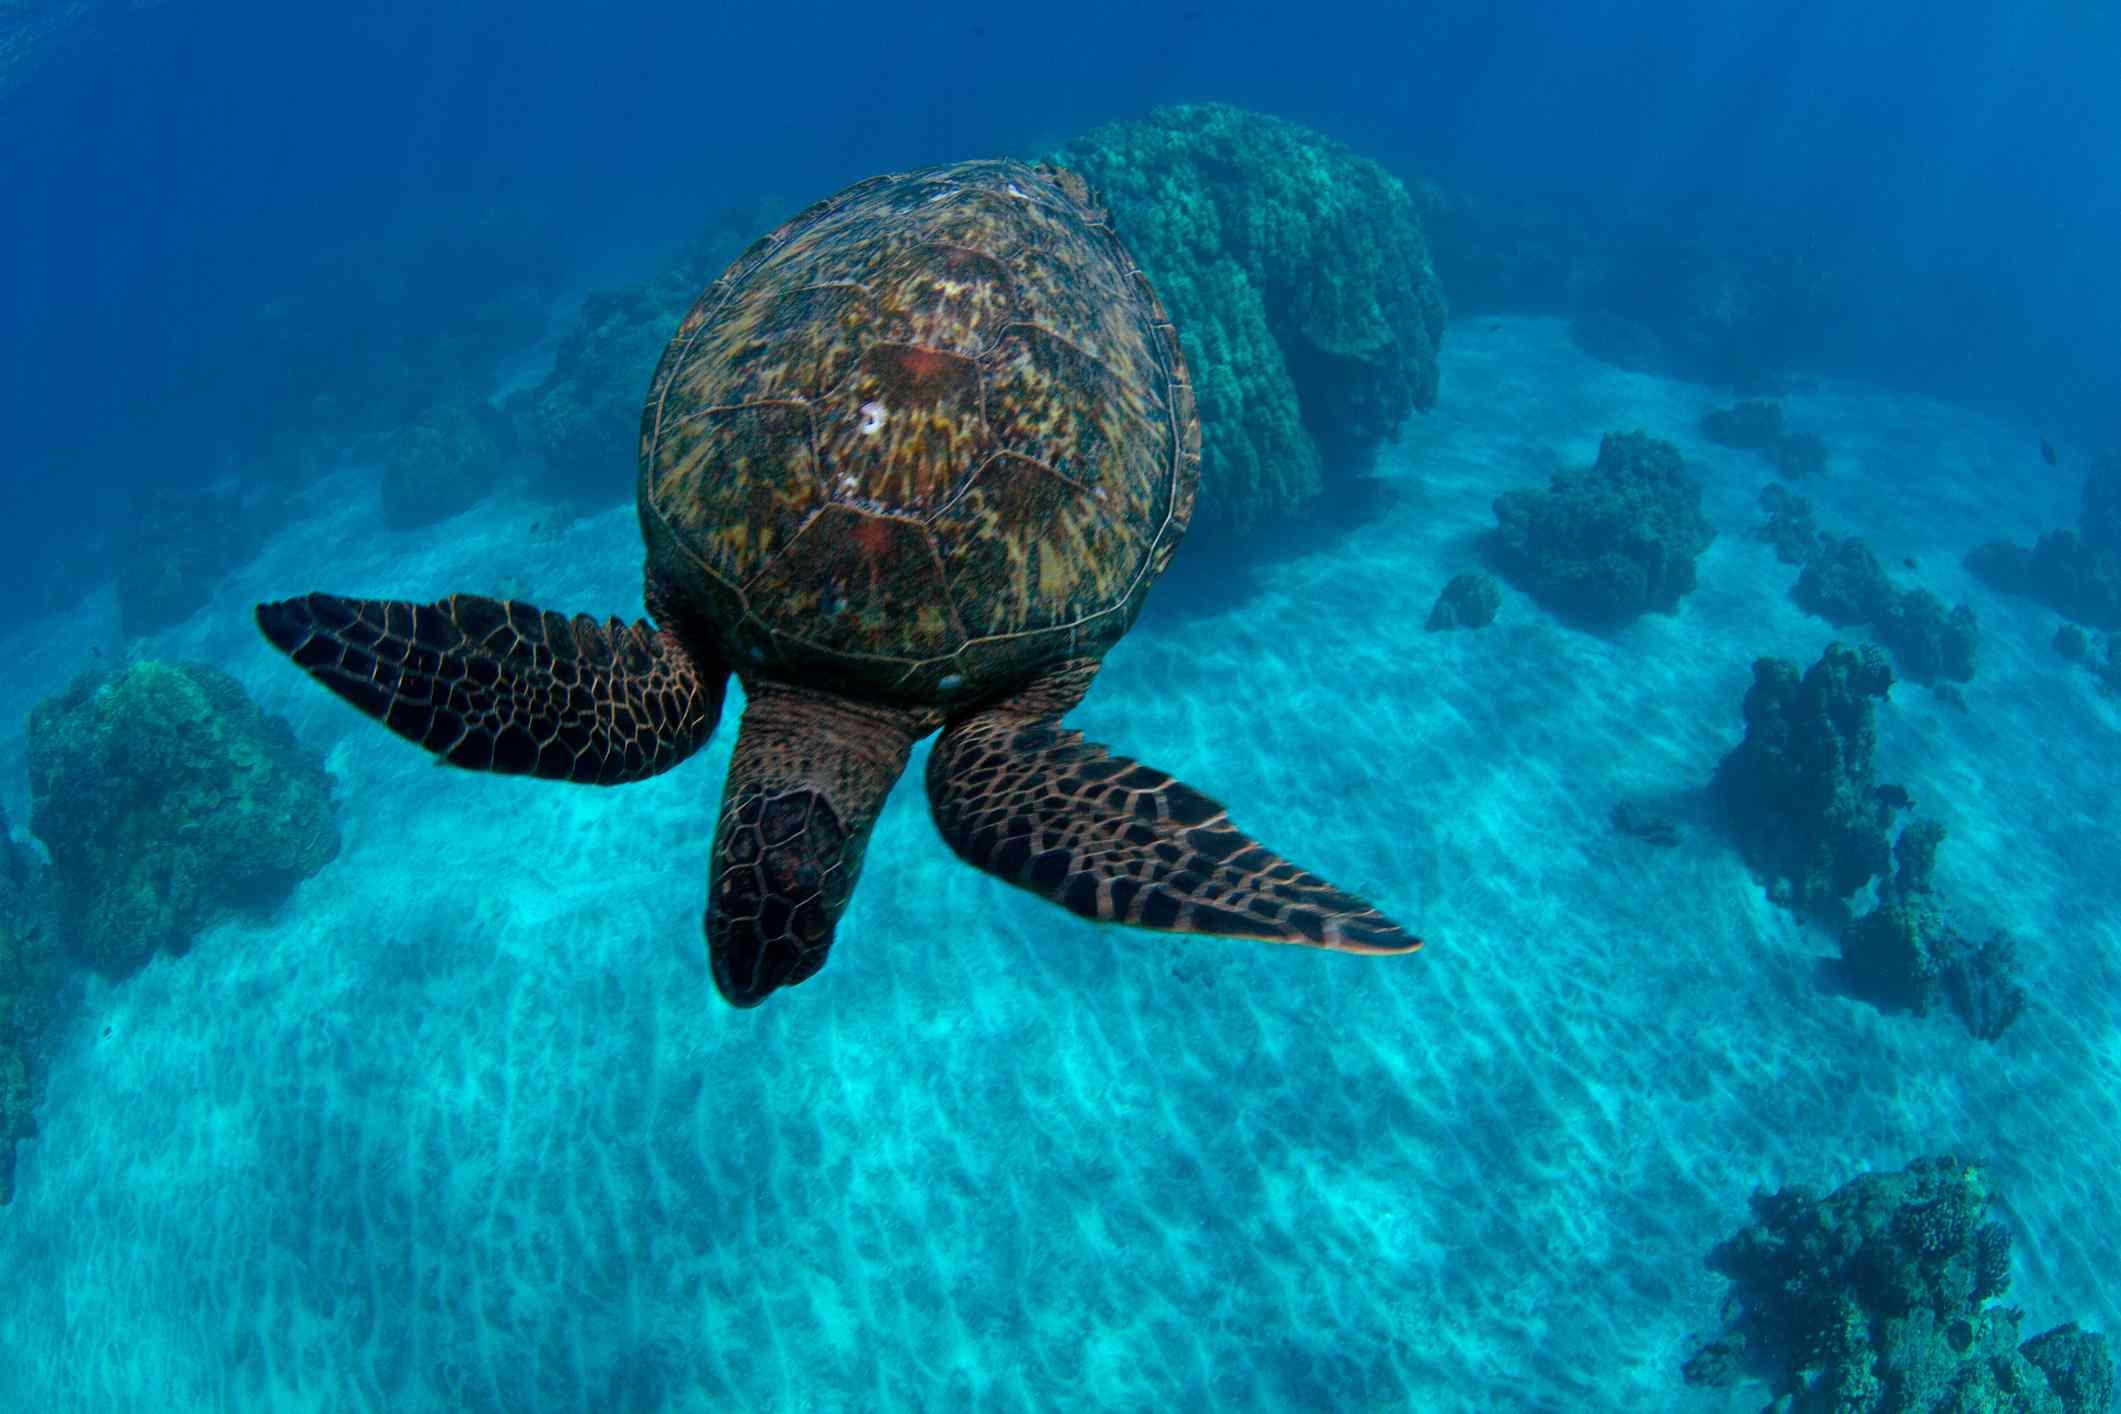 A Hawaiian Green Sea Turtle swimming at Olowalu